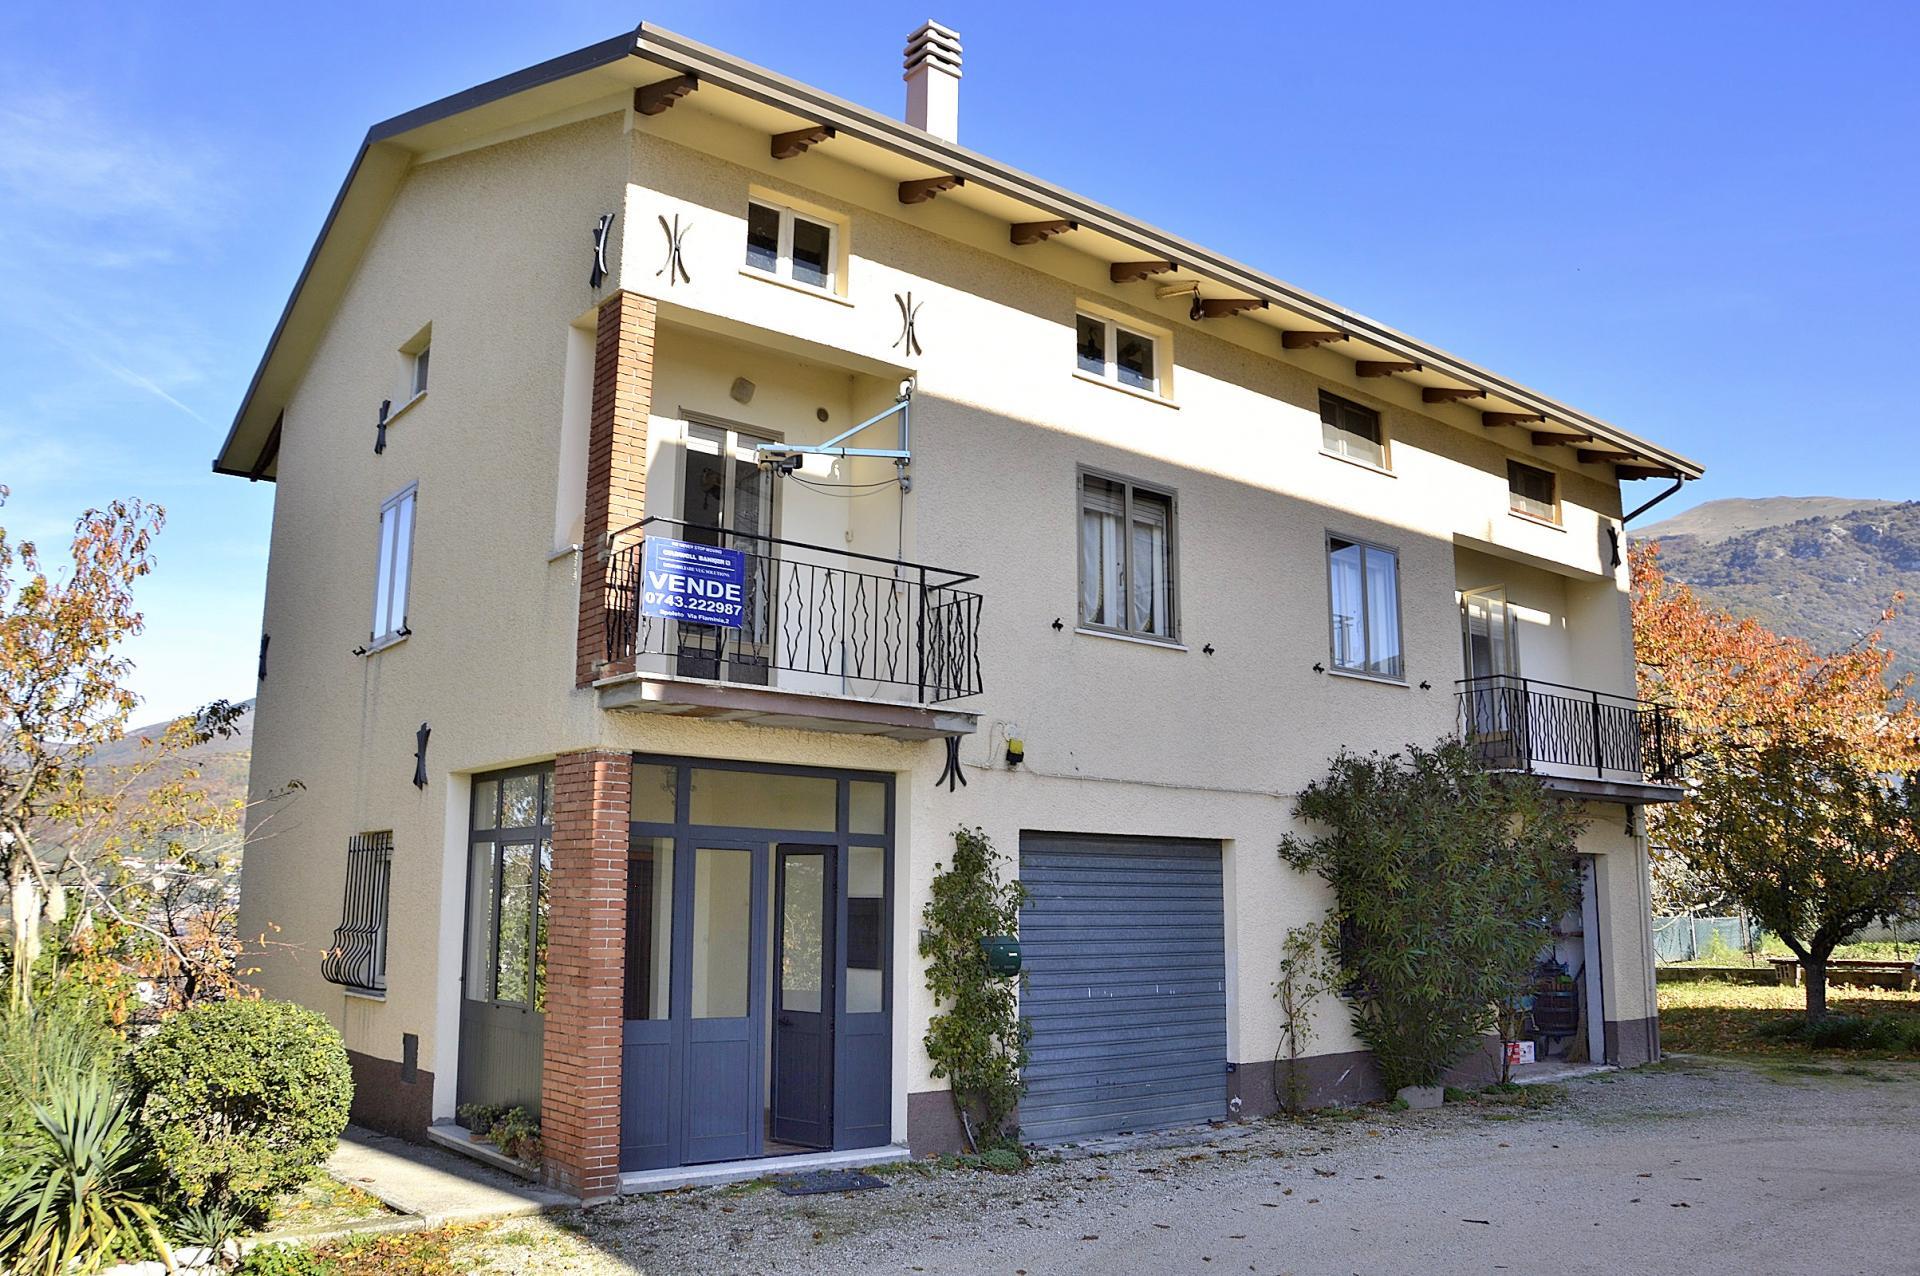 Soluzione Indipendente in vendita a Gualdo Tadino, 5 locali, prezzo € 195.000 | CambioCasa.it